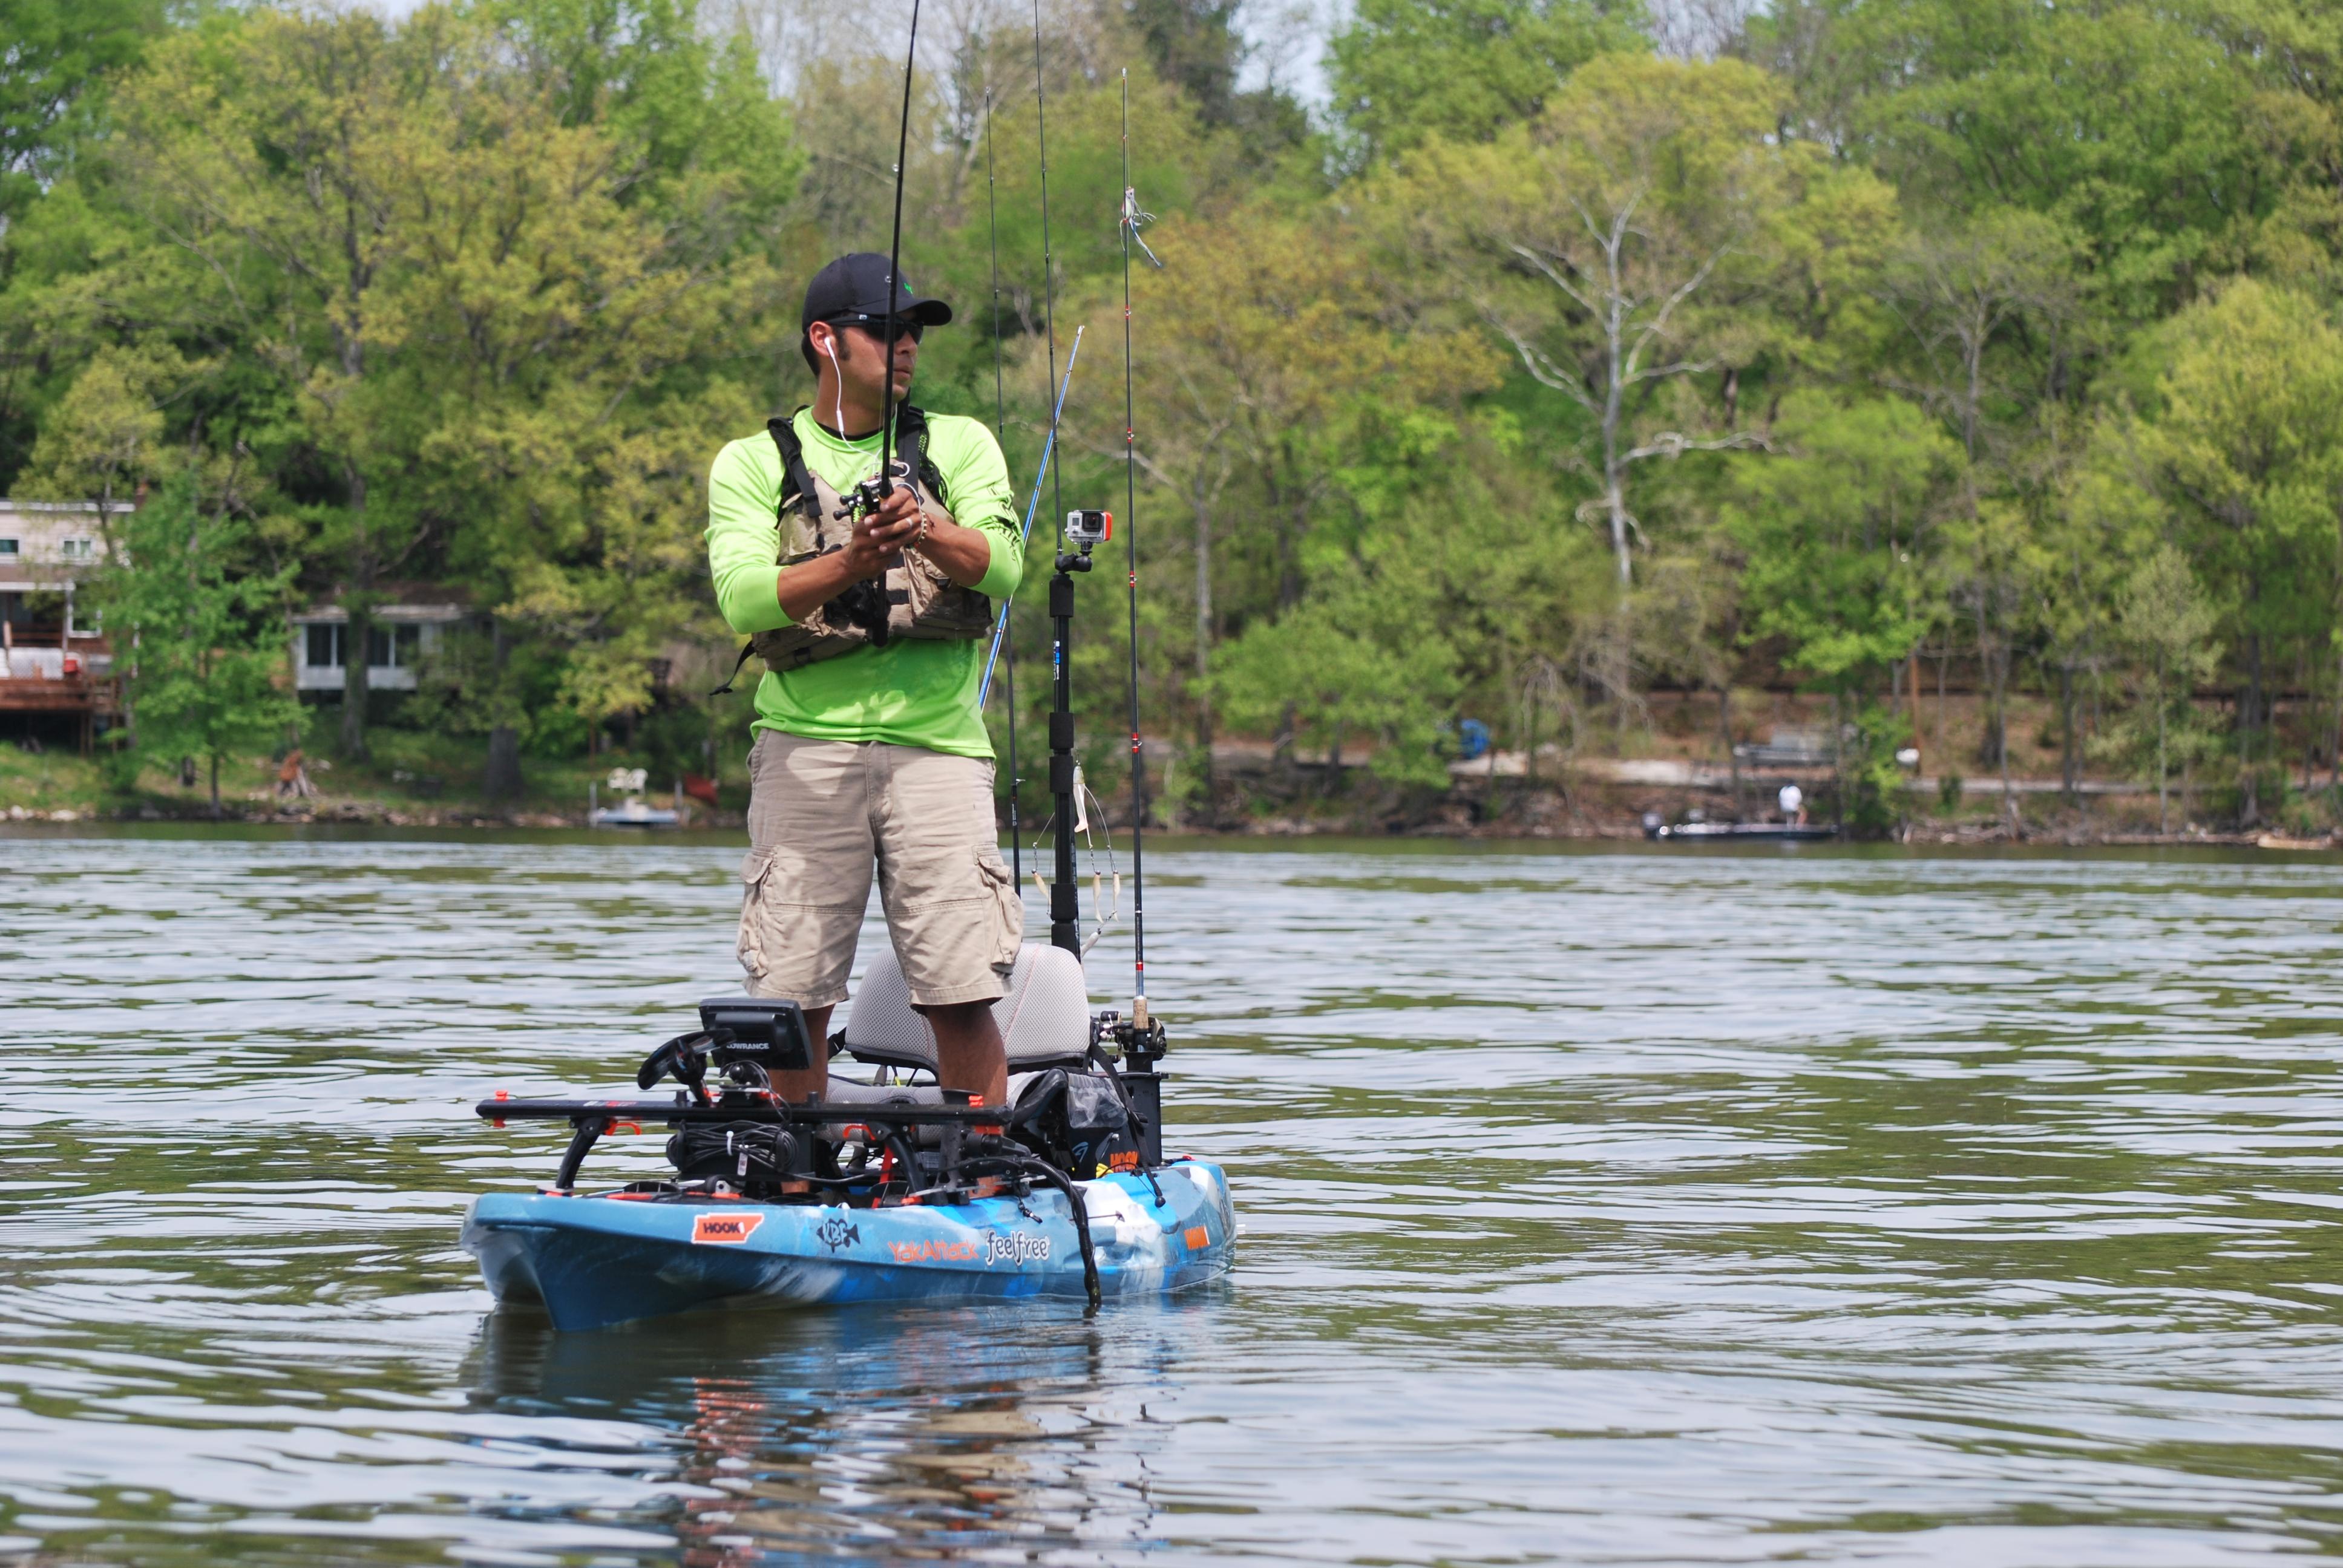 Kayak bass fishing tn kayak fishing in tennessee page 3 for Kayak bass fishing